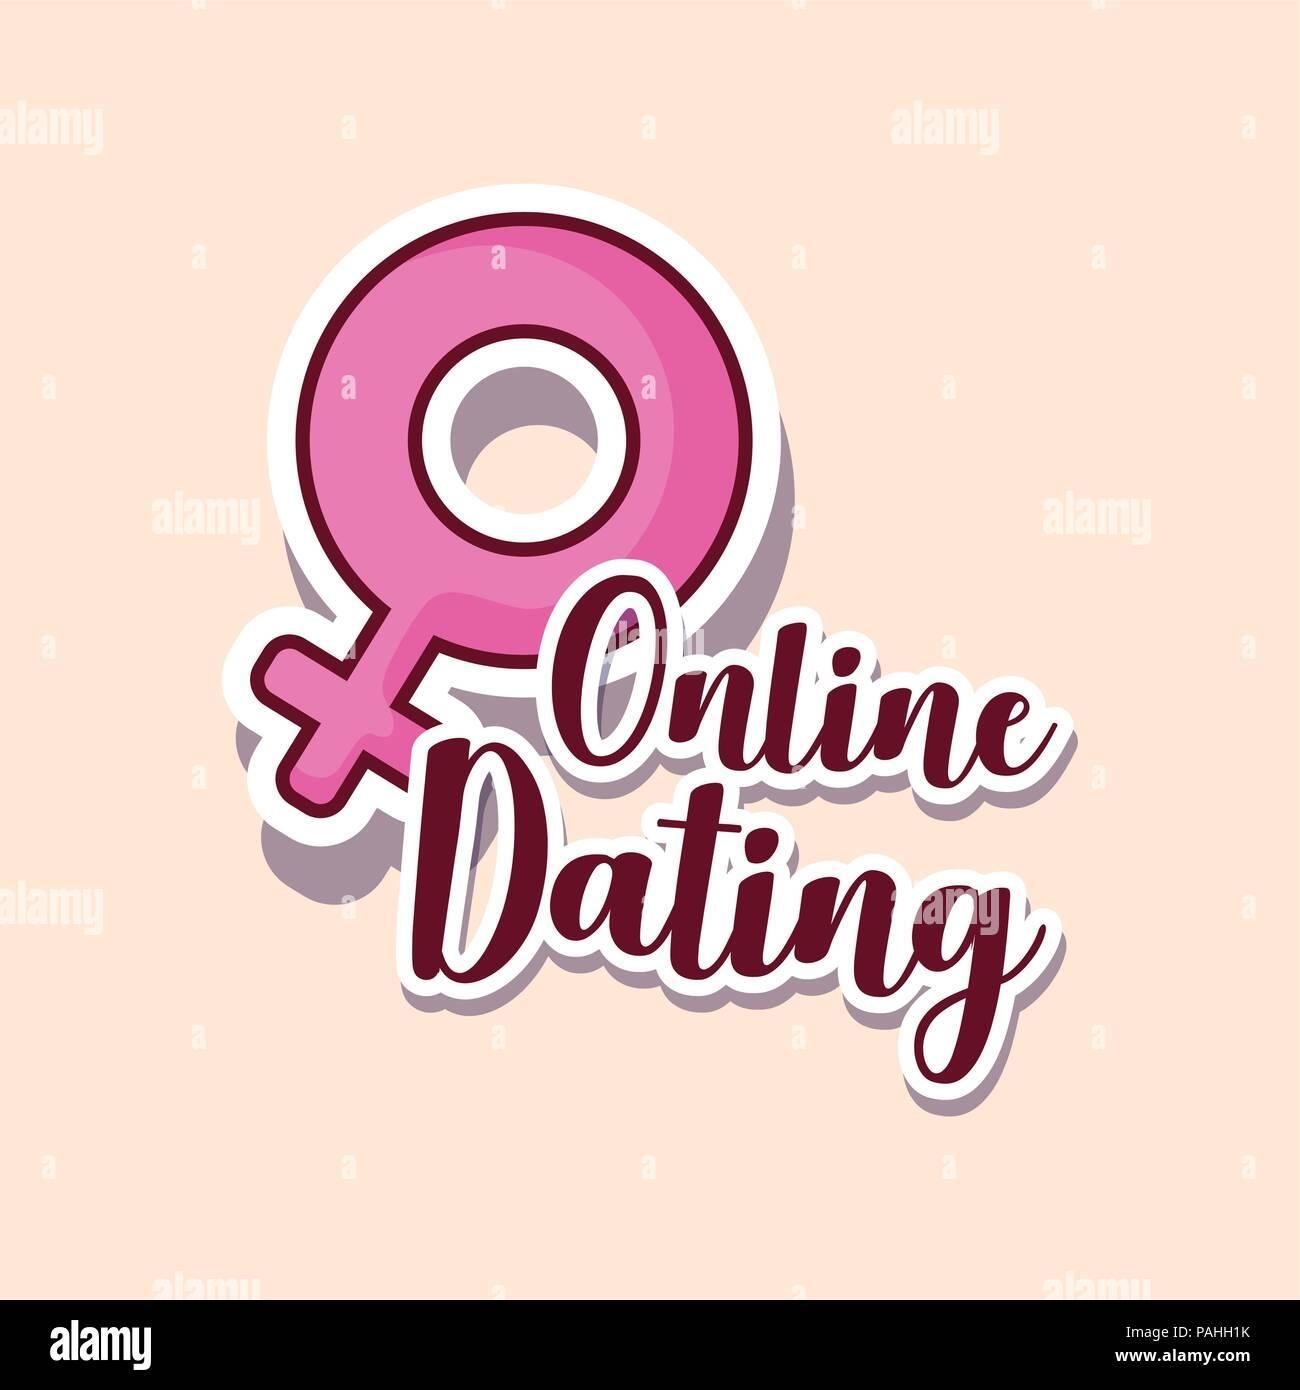 Online dating diseño con símbolo femenino sobre fondo blanco, ilustración vectorial diseño colorista. Imagen De Stock